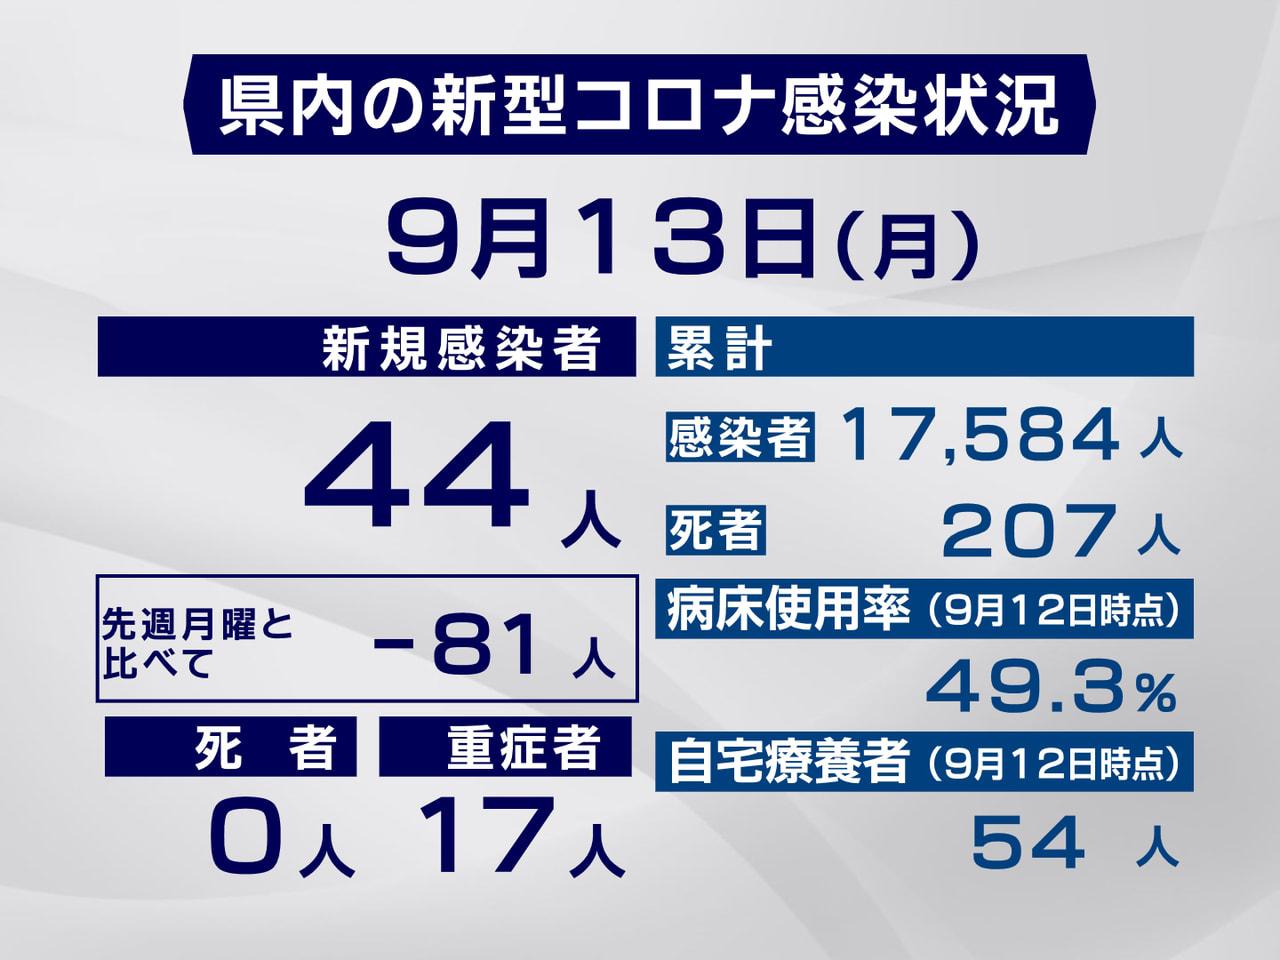 岐阜県と岐阜市は13日、新型コロナウイルスの感染が新たに44人確認されたと発表し...